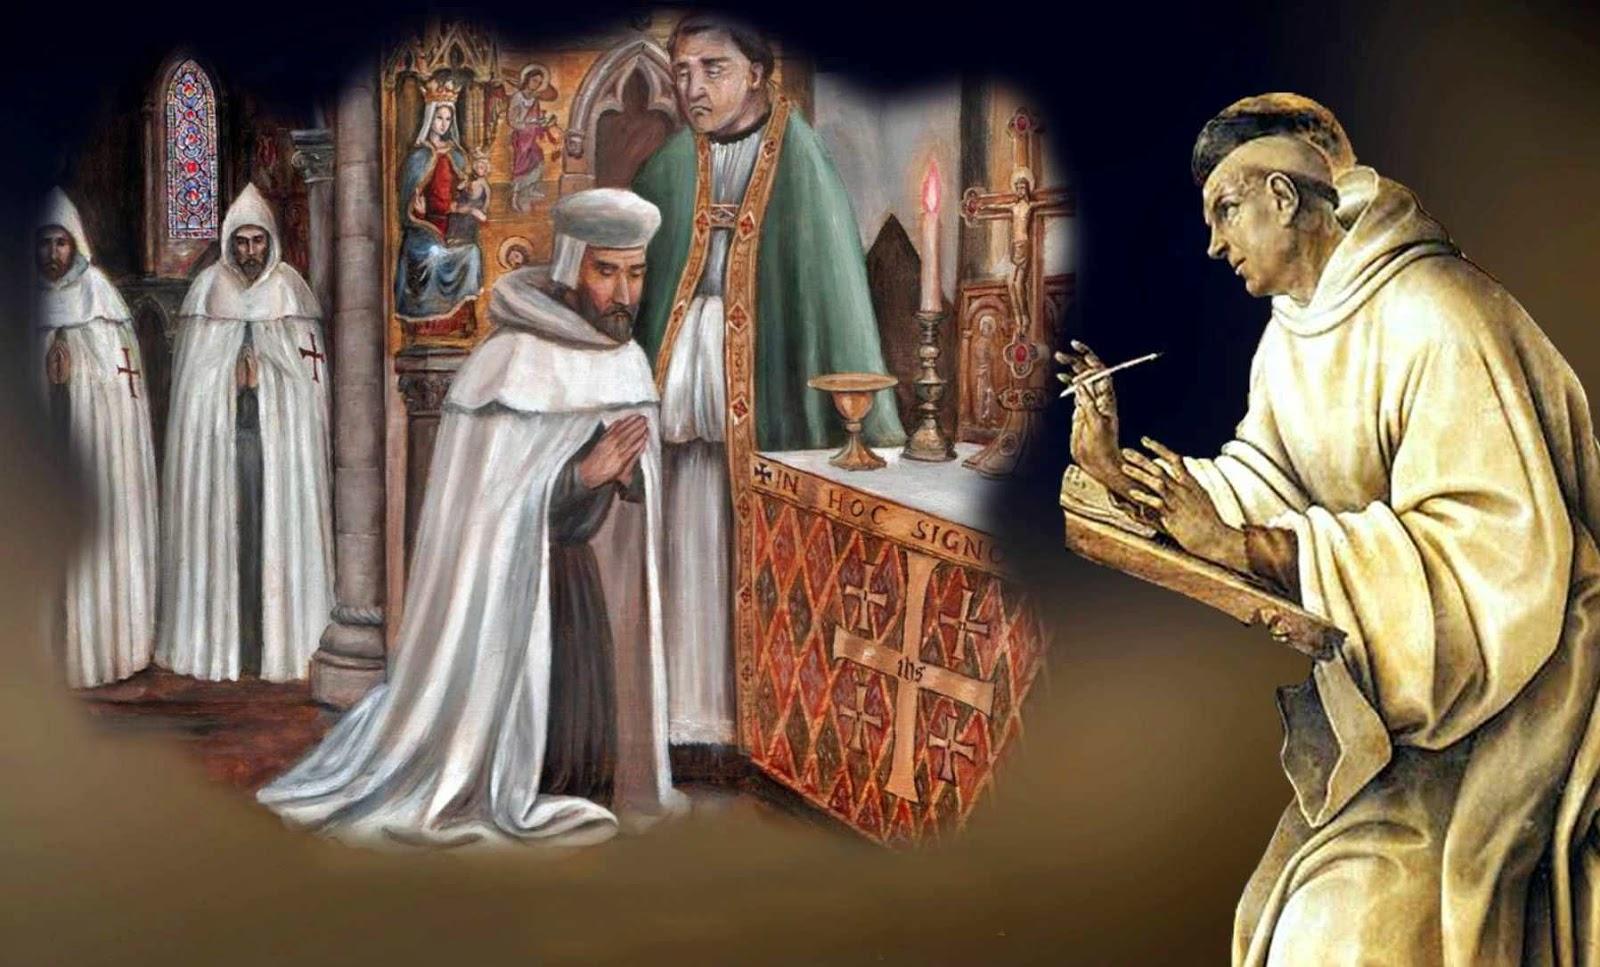 Estímulos de São Bernardo a seu tio André, cavaleiro do Templo